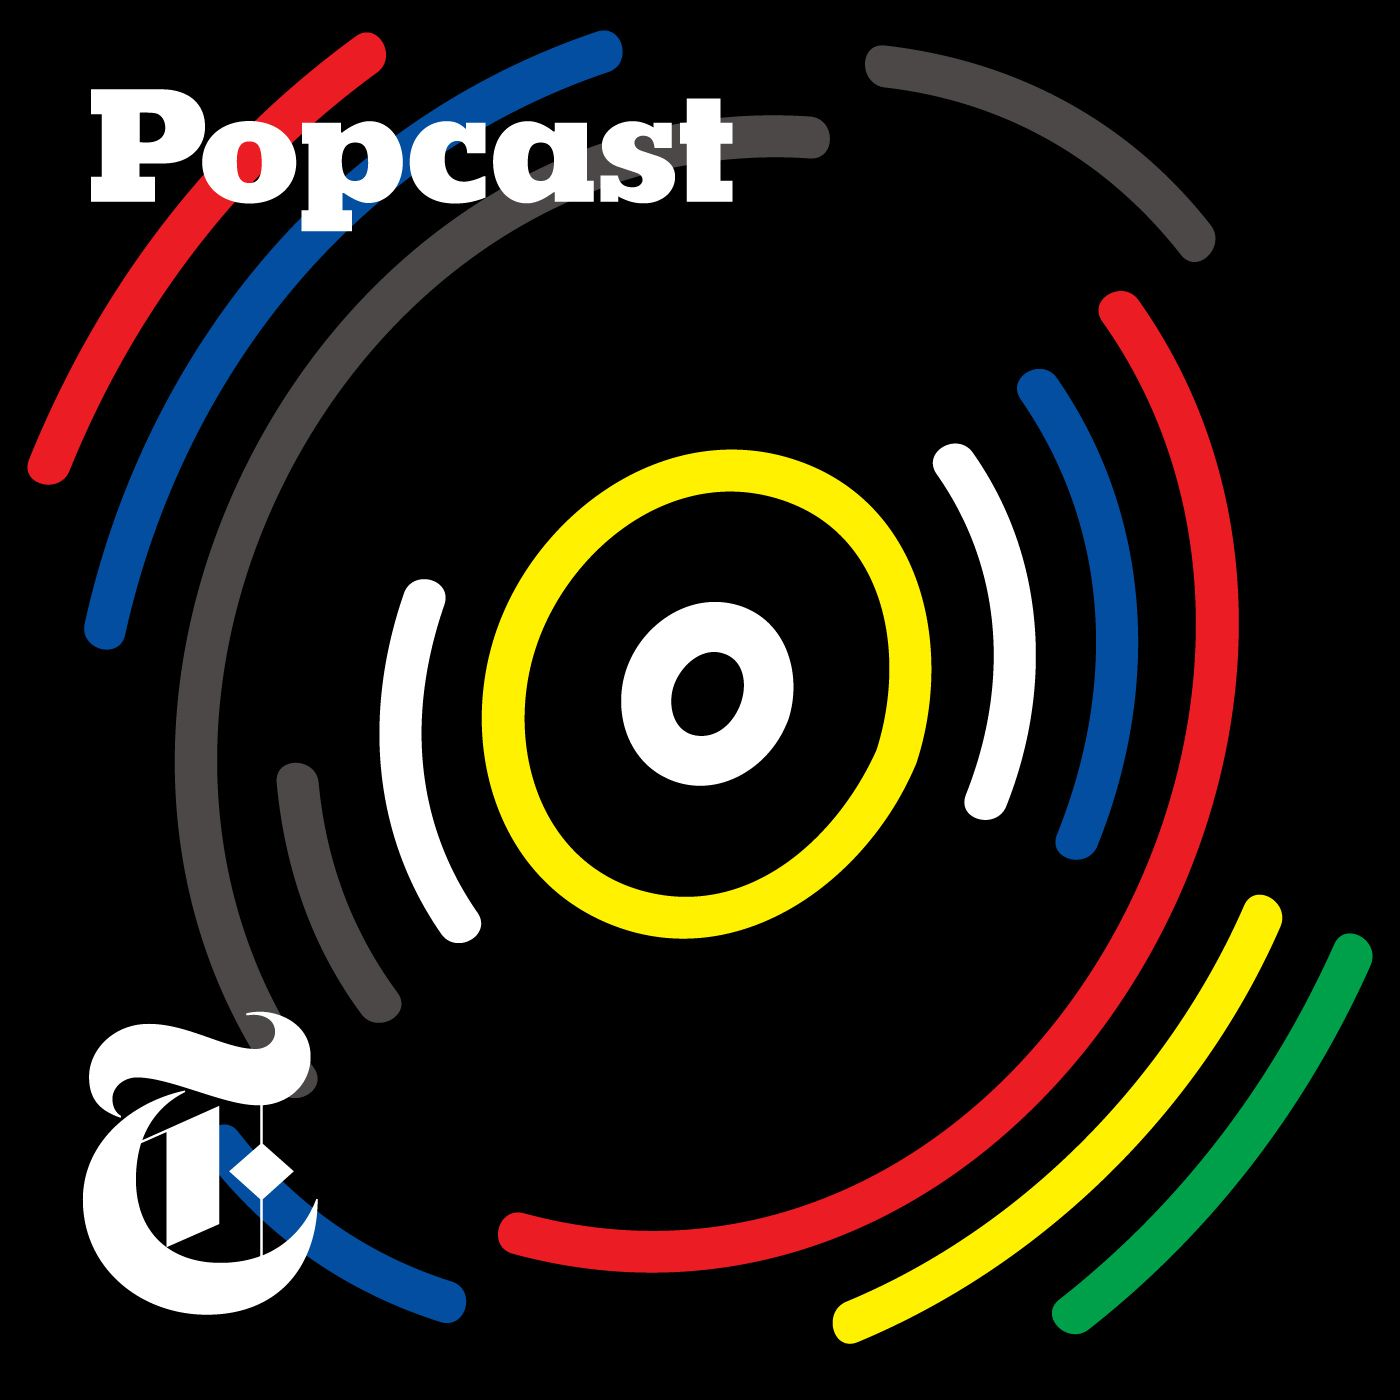 The Music Lost to Coronavirus, Part 1